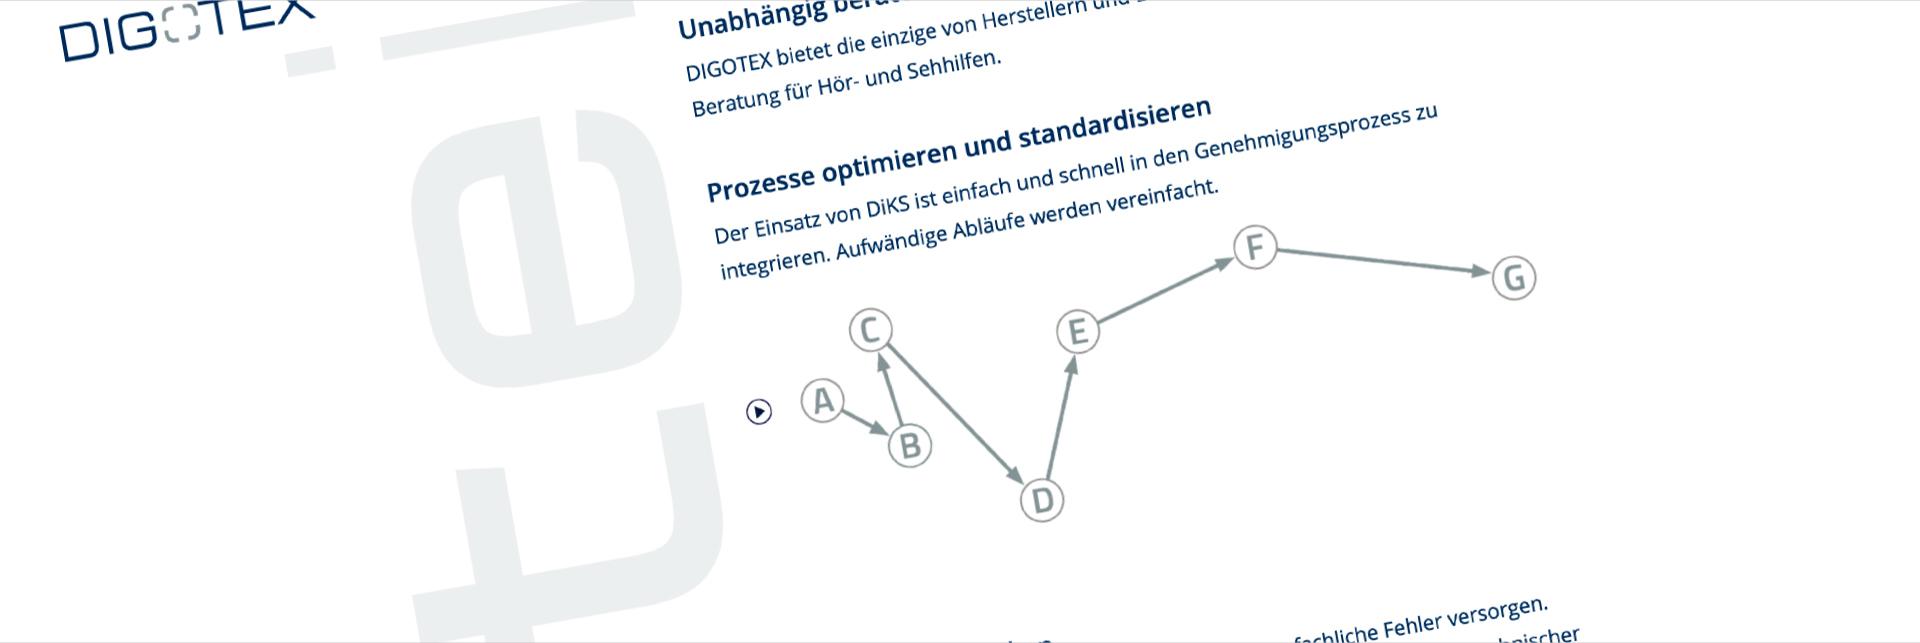 Projekt: digotex webseite